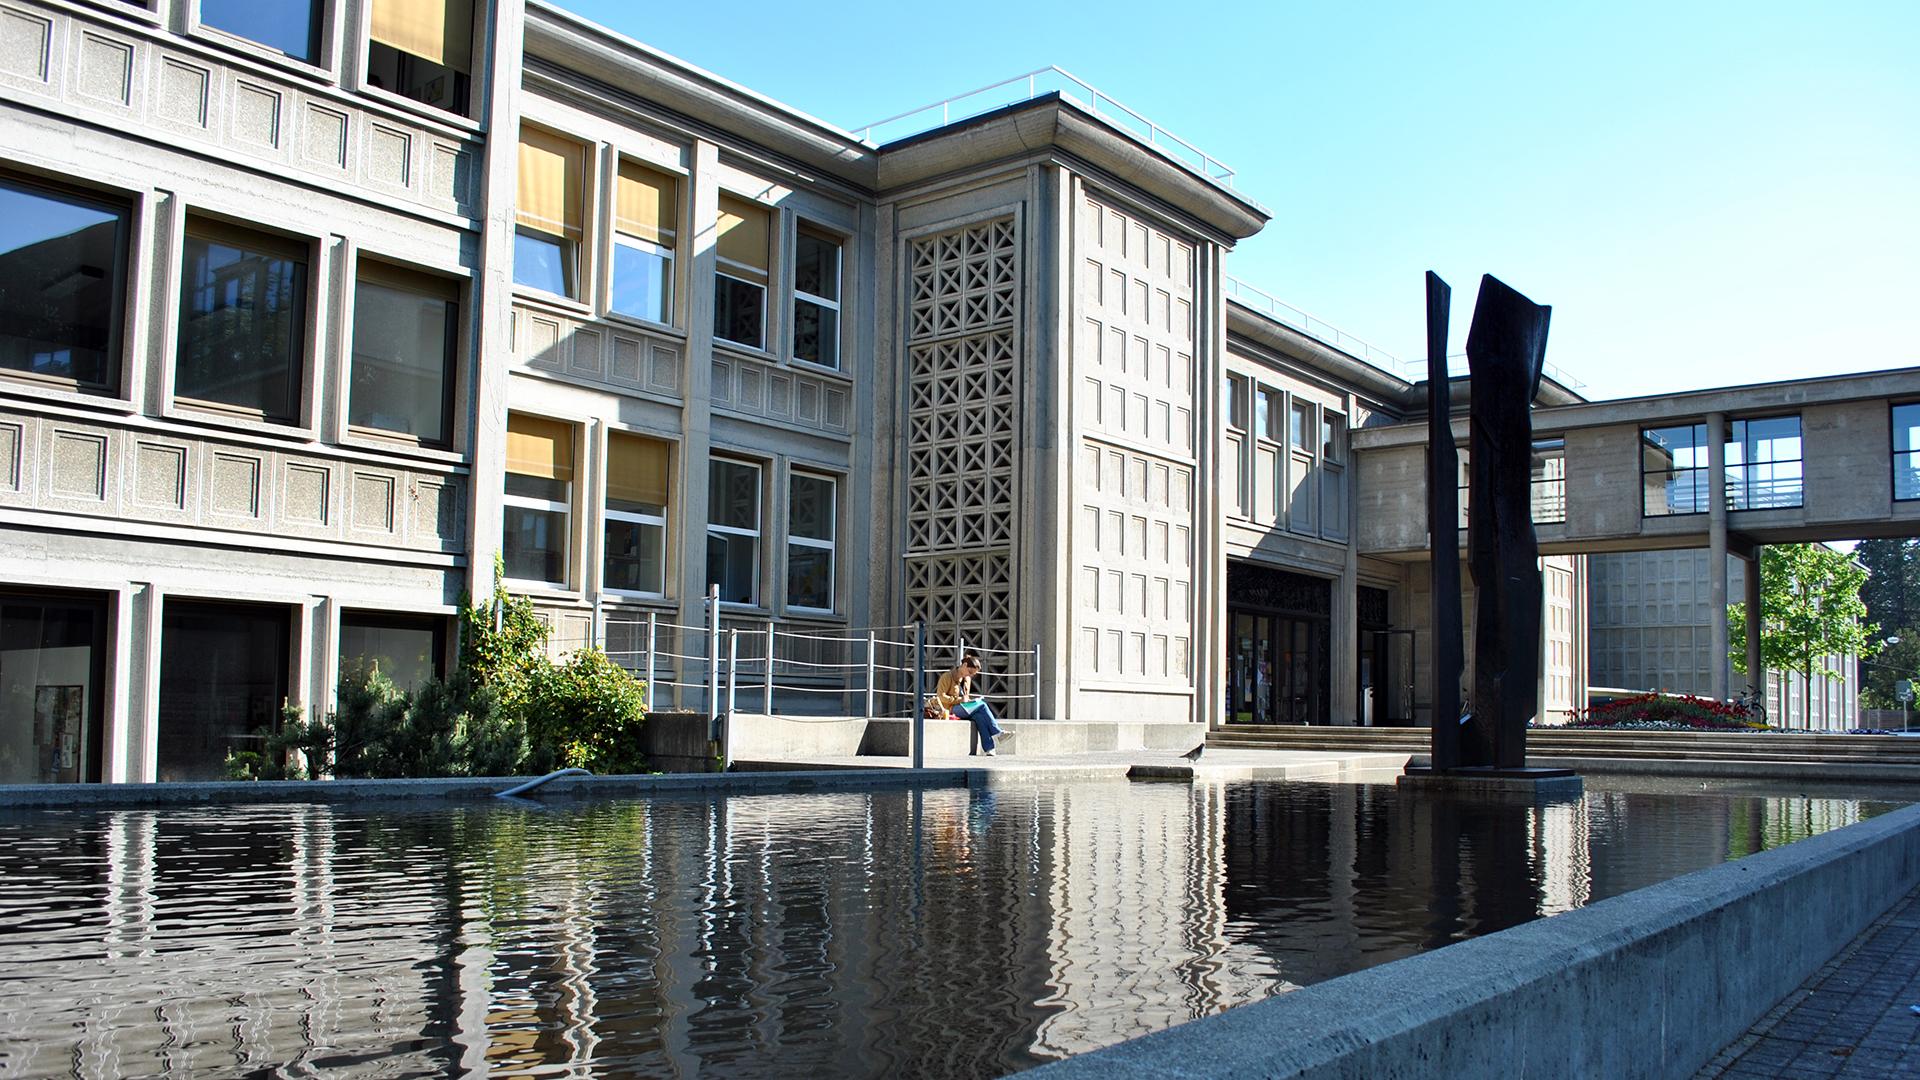 ... en faveur de l'Université de Fribourg le 29 novembre 2015 - cath.ch